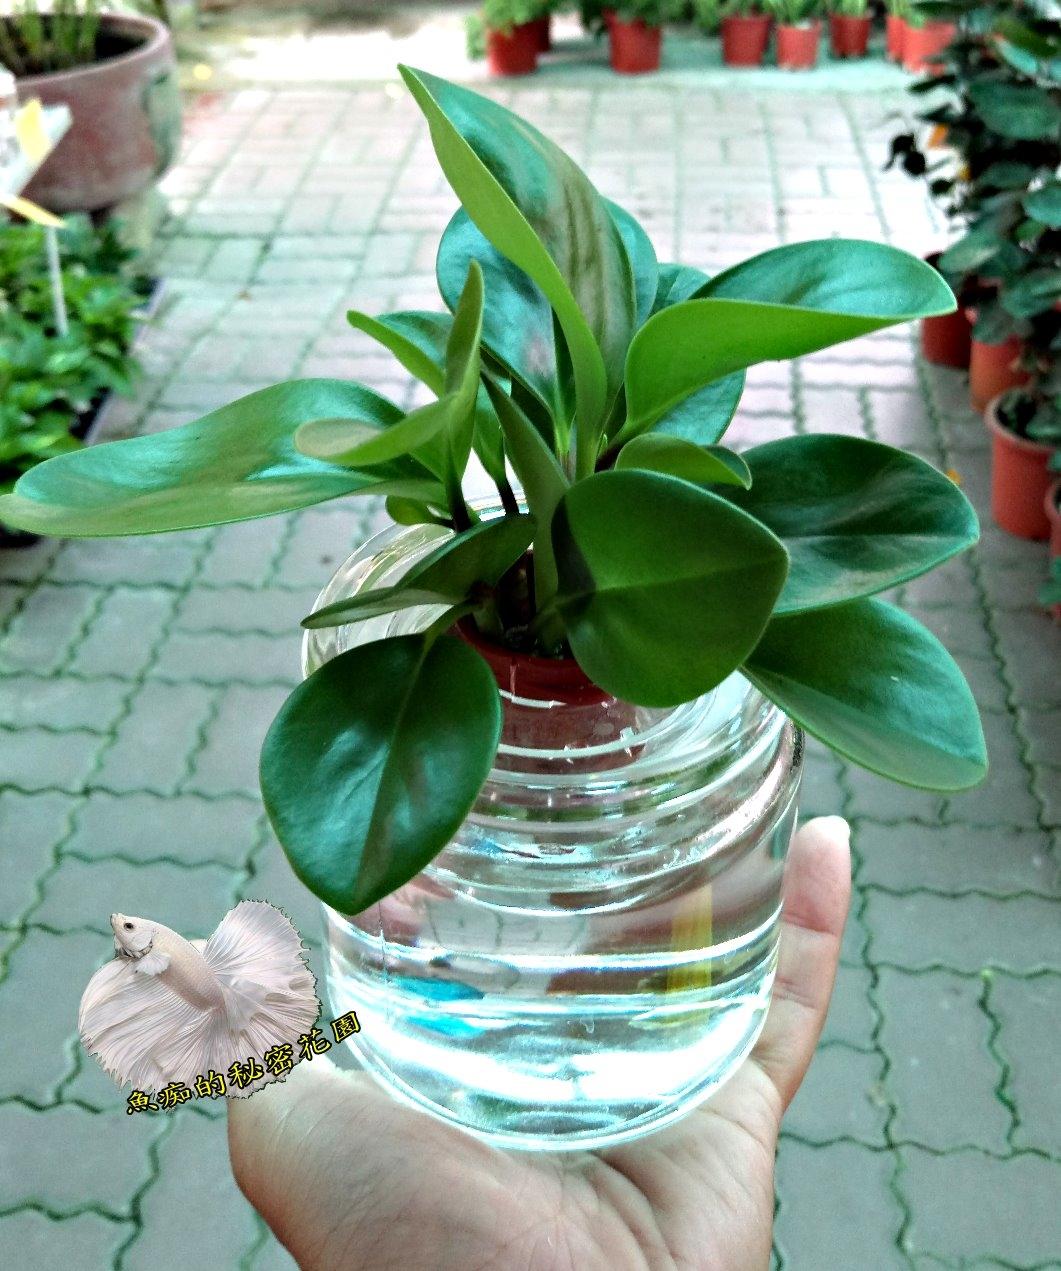 圓葉椒草水耕盆栽玻璃瓶水耕植物盆栽室內佳